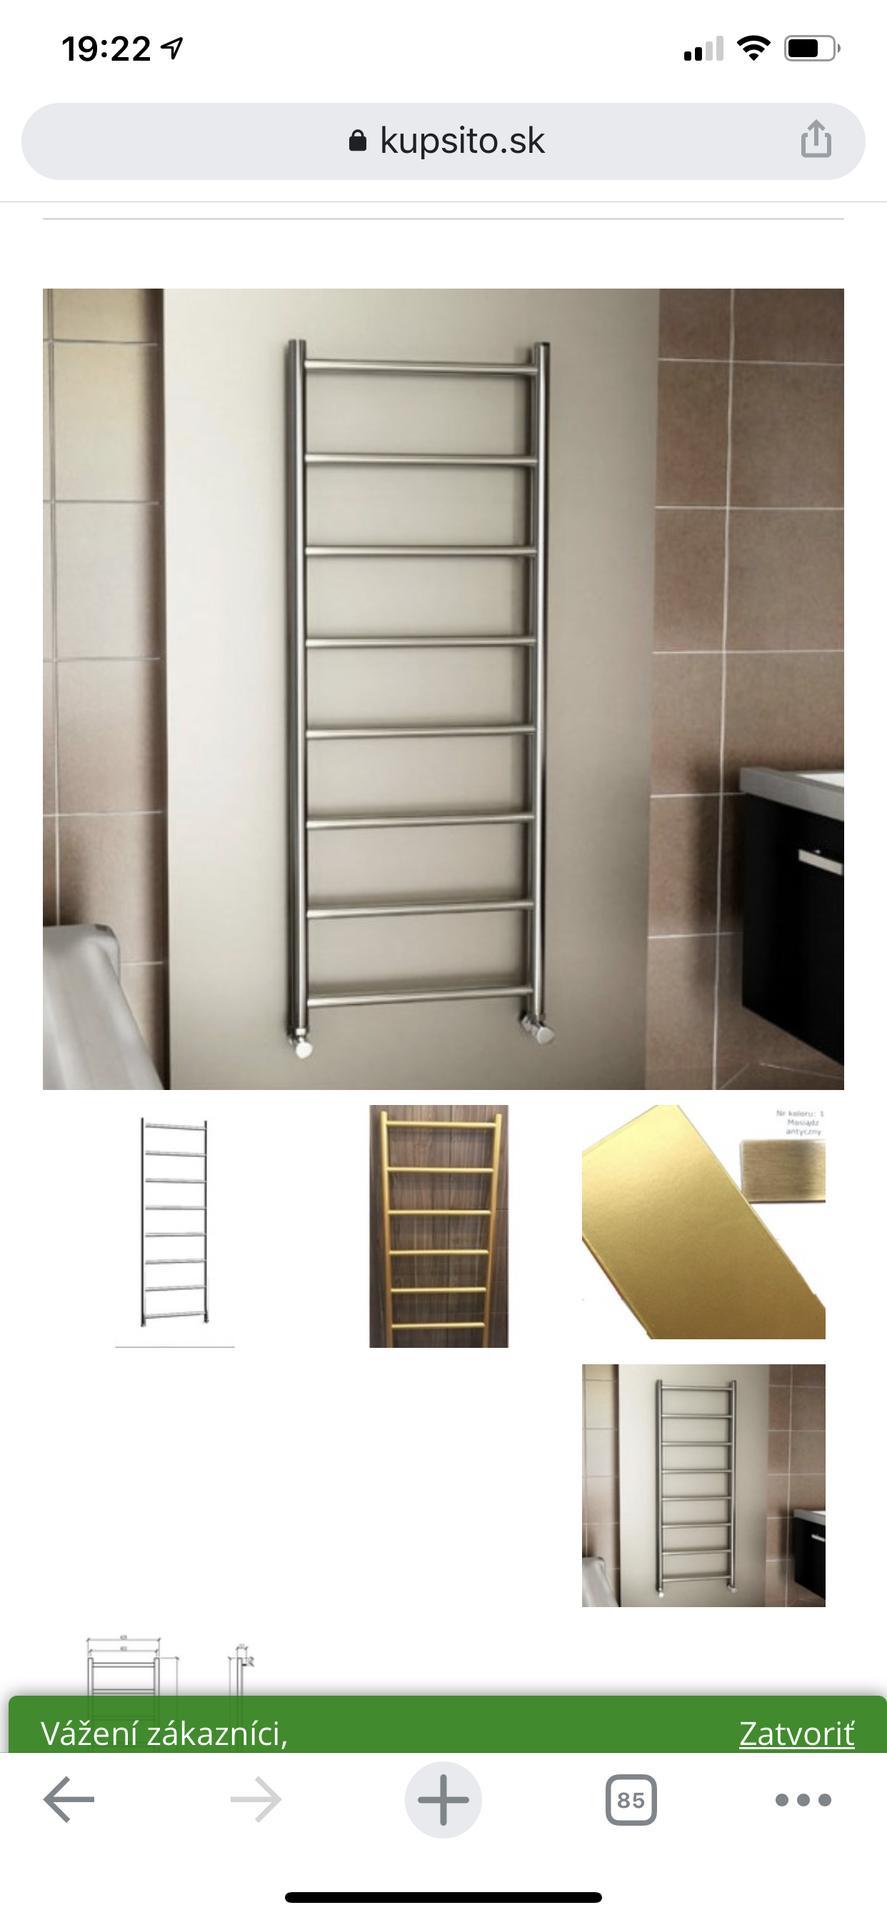 Nákupy do domčeka 🏡 - Radiátor v zlatej farbe do kúpeľne ba prízemí 🙂